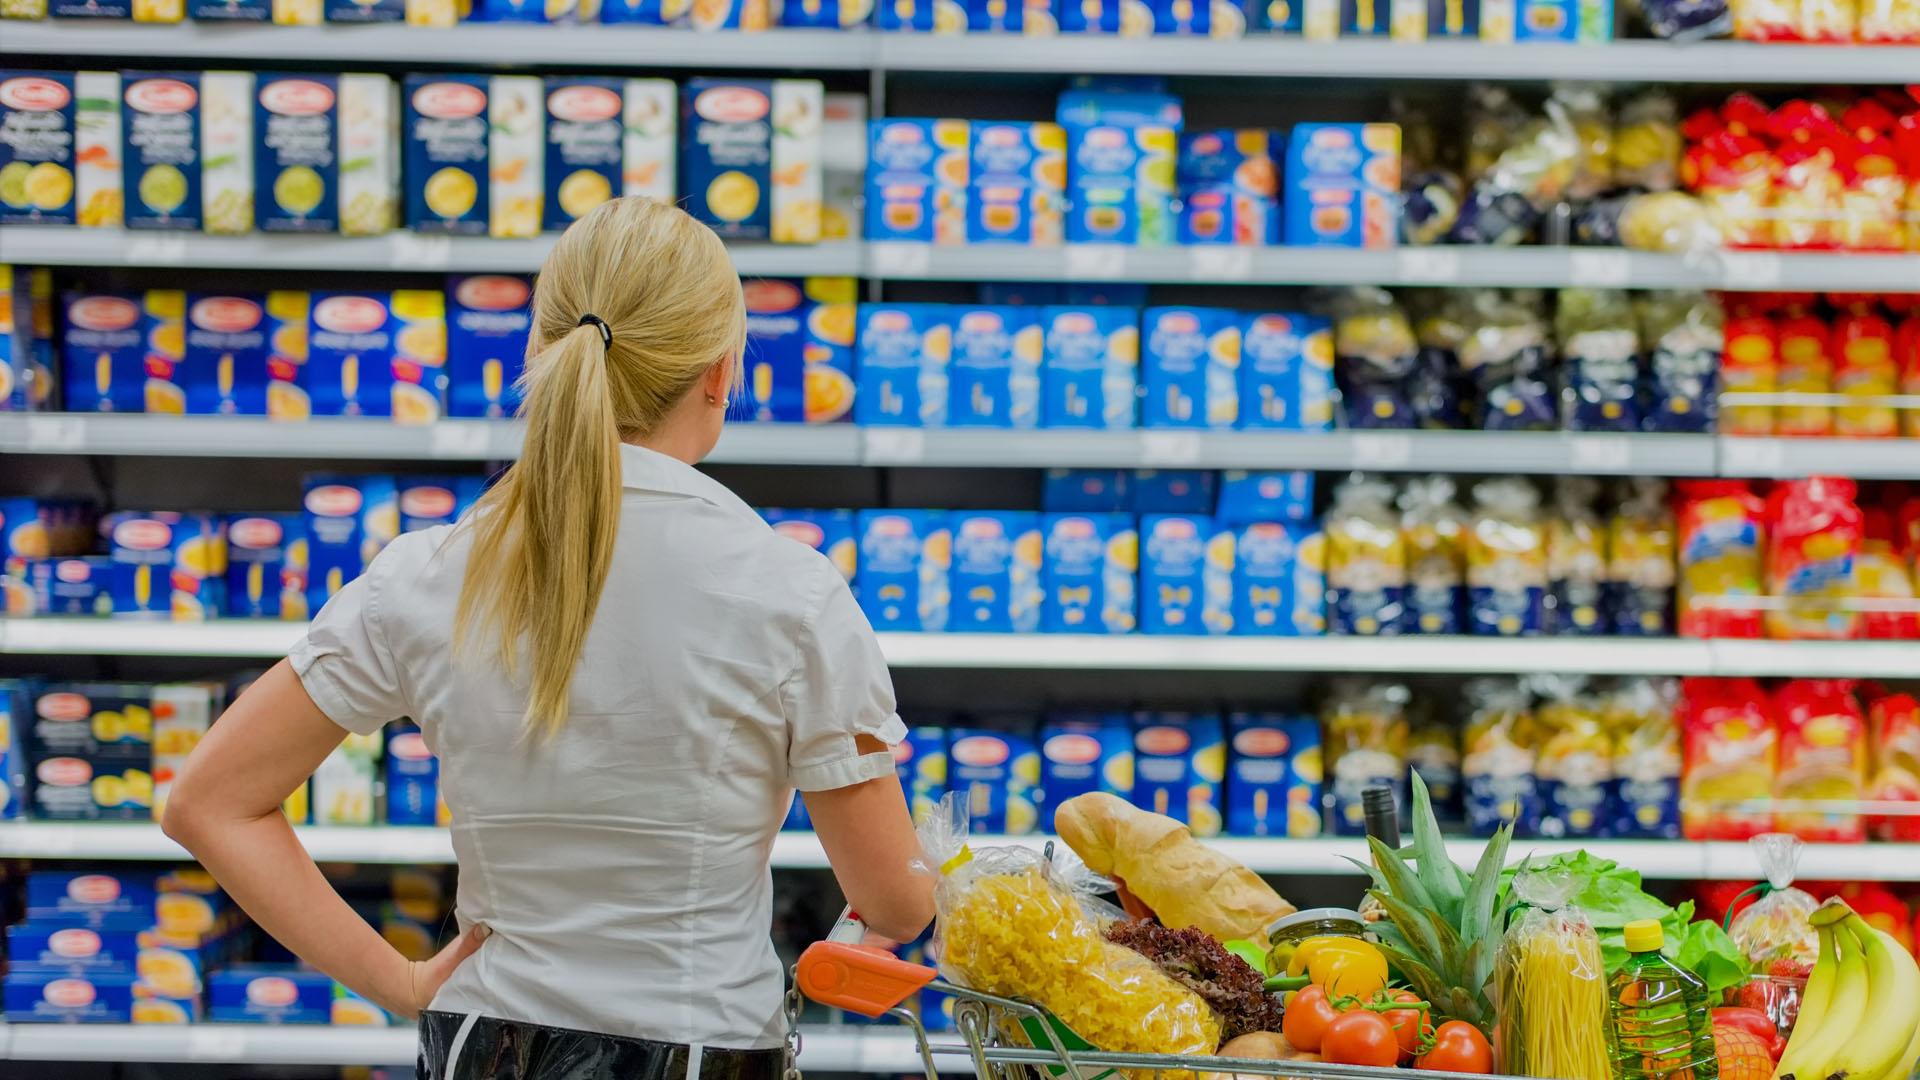 EU uskoro testira prehrambene proizvode po jedinstvenoj metodologiji - Apolitični